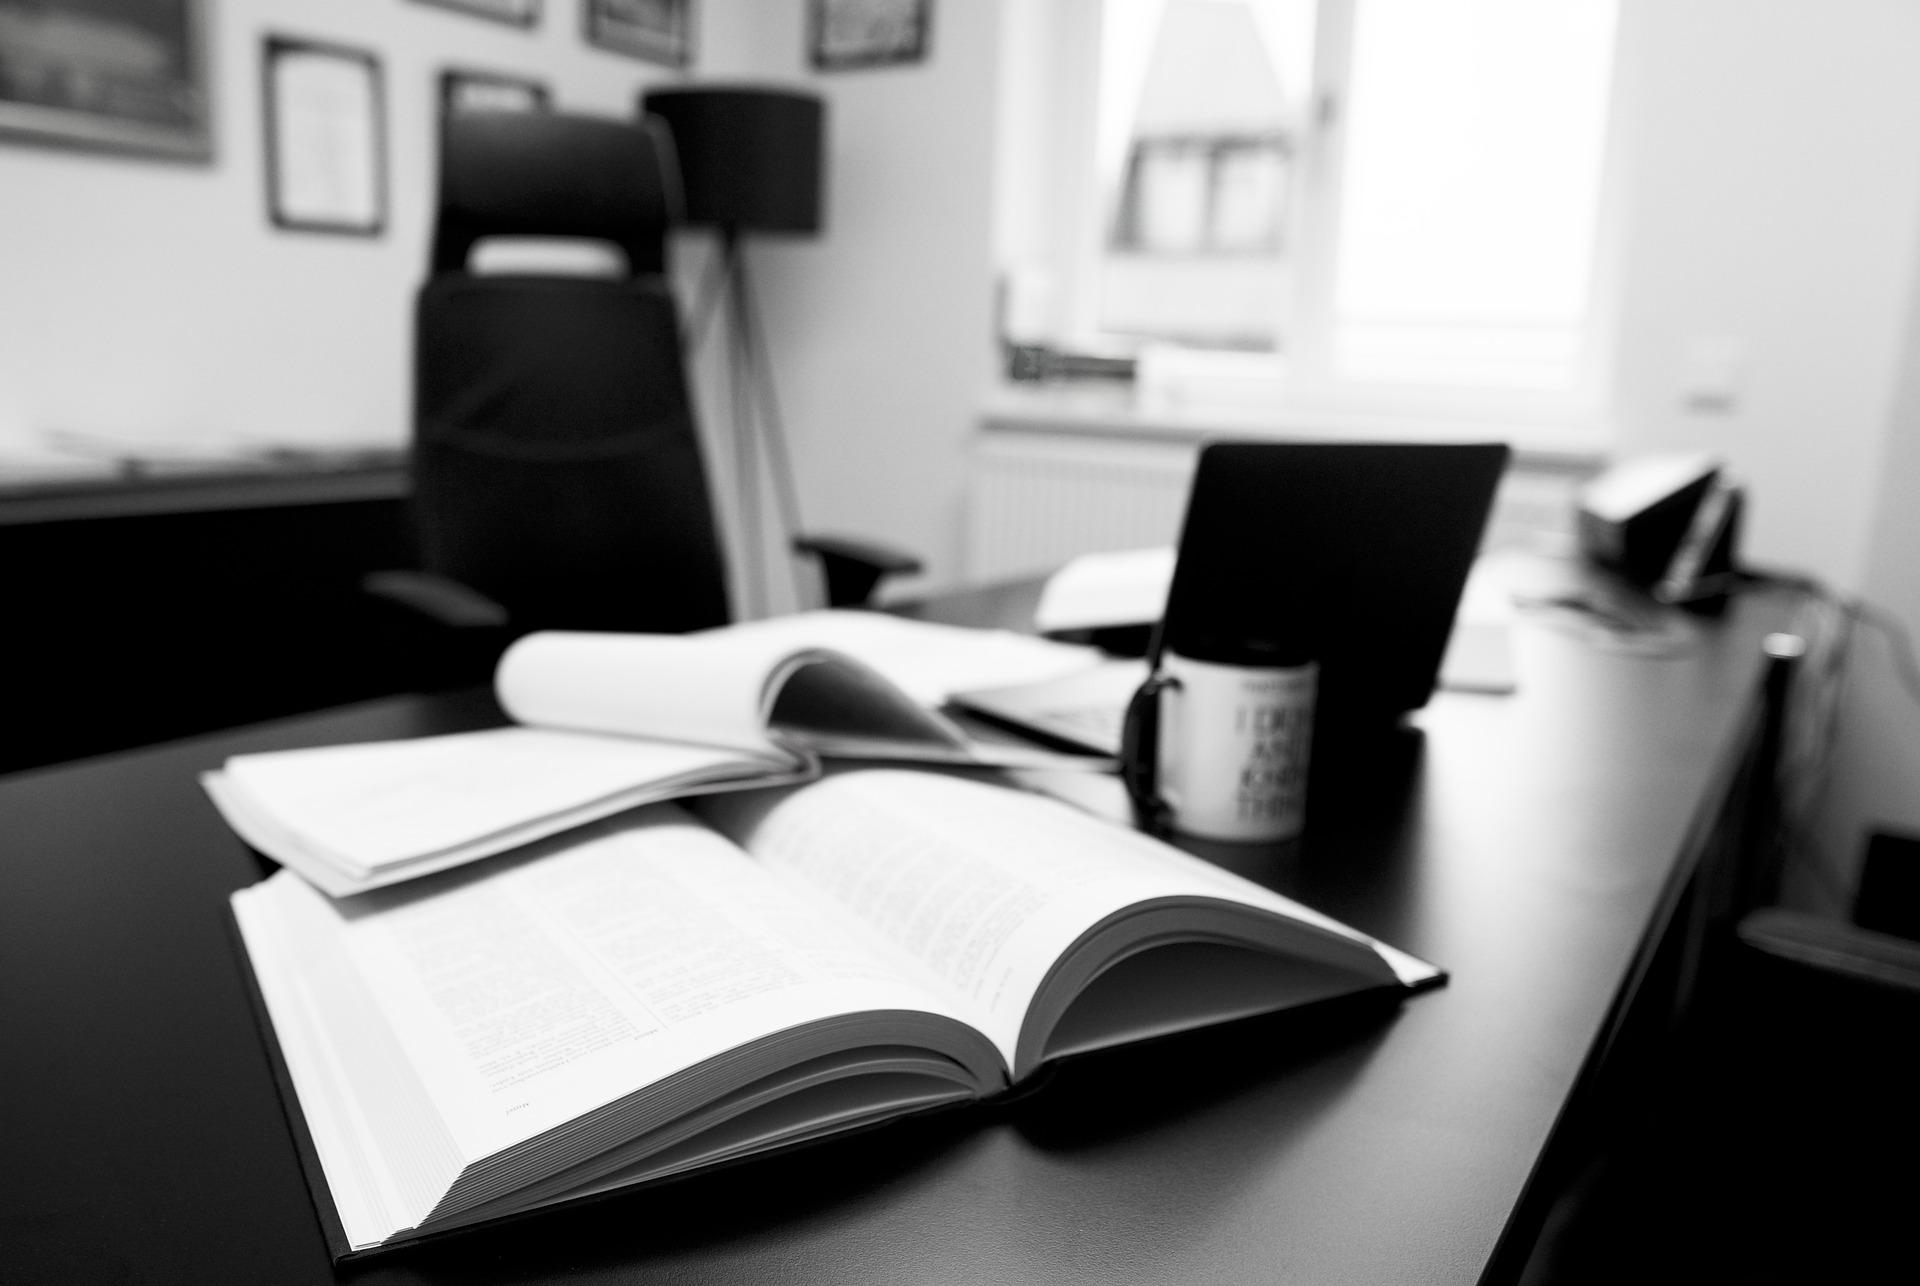 Estas son todas las maneras en que te puede ayudar una dirección de abogados gratuitos